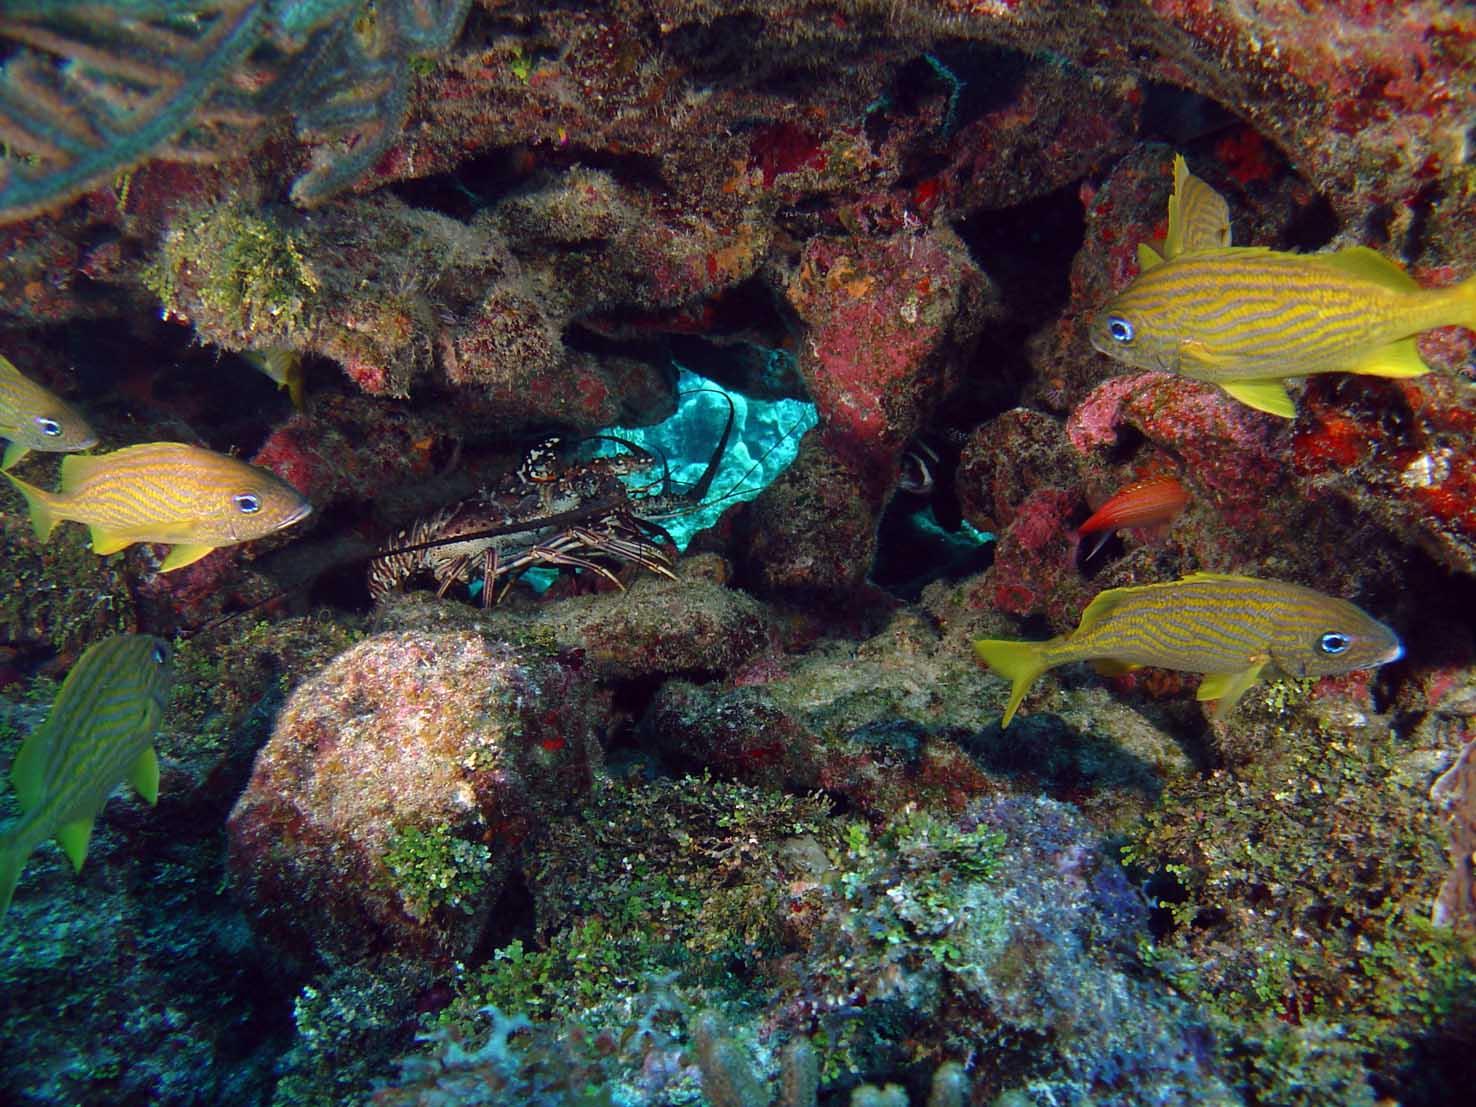 Vista submarina de grupo de peces en coral.